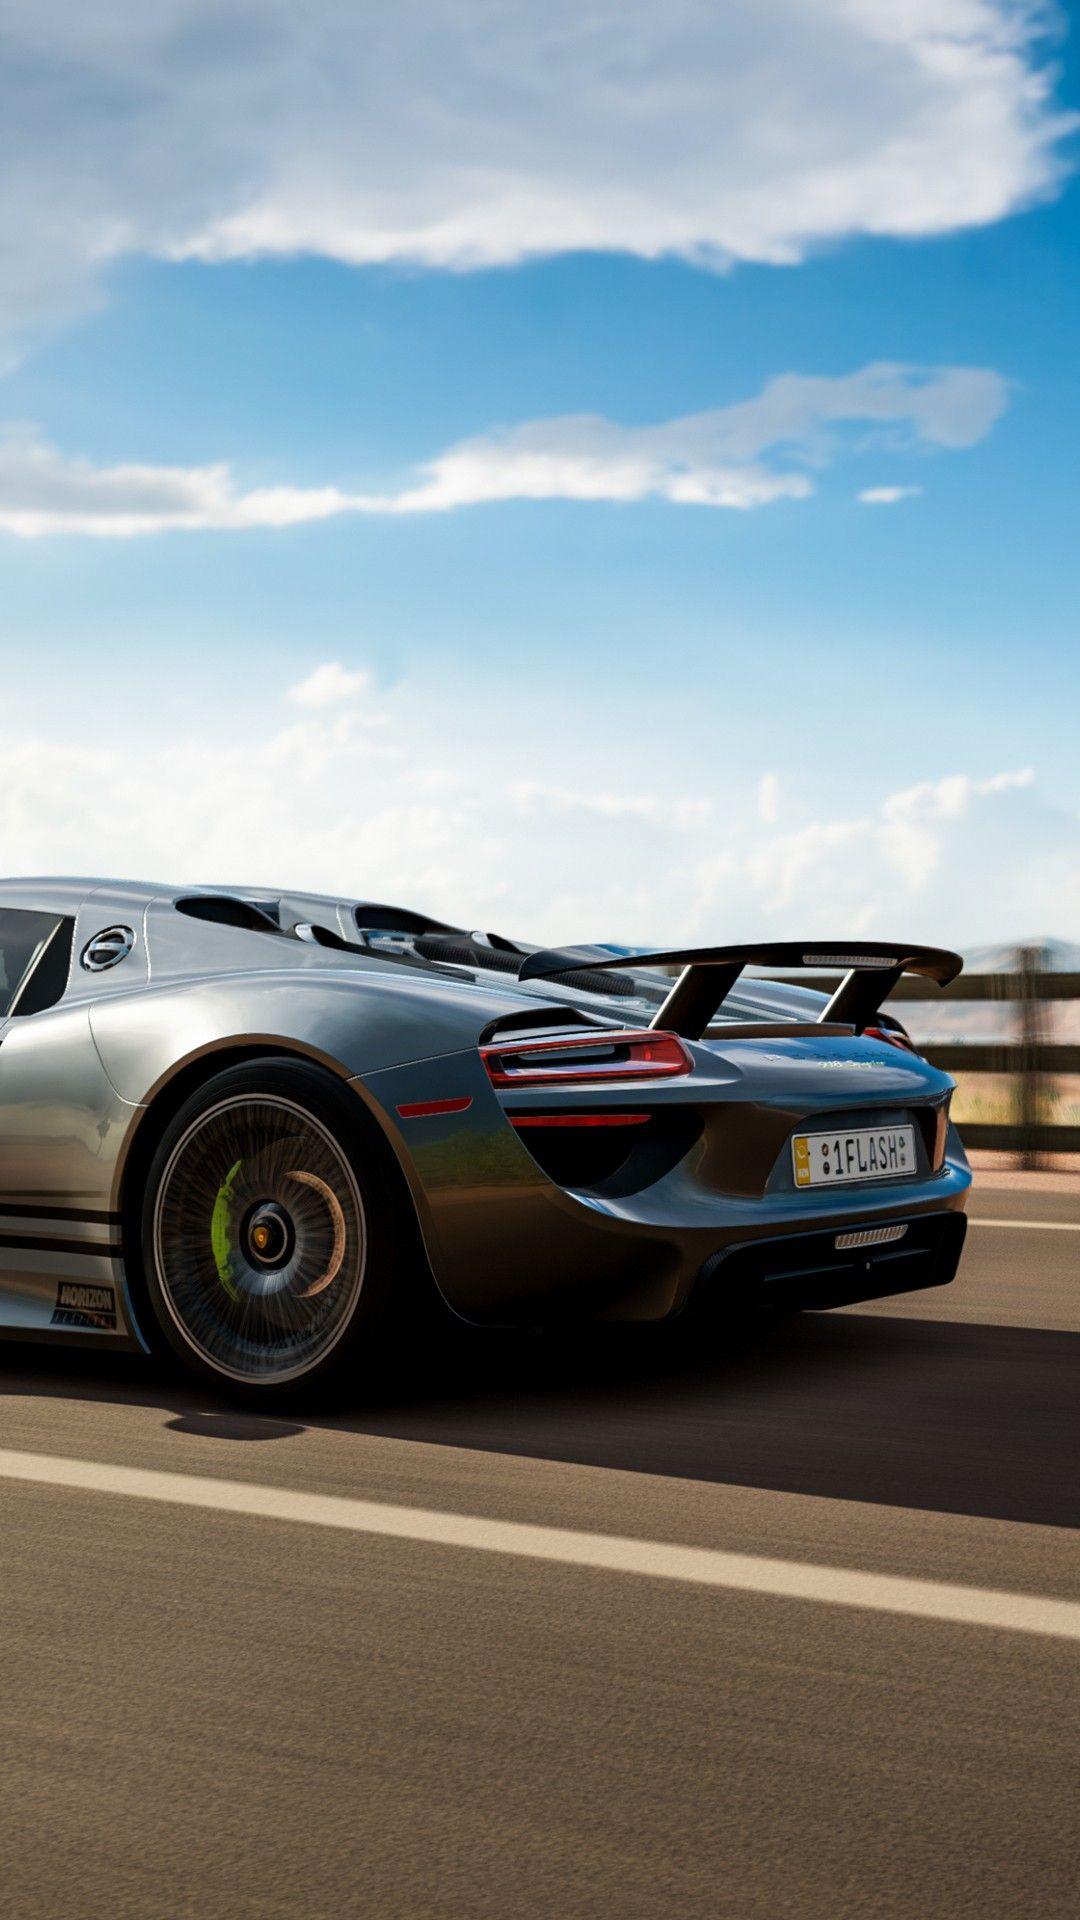 Forza Horizon 3 Porsche 918 Spyder Forza Horizon 3 Porsche 918 Forza